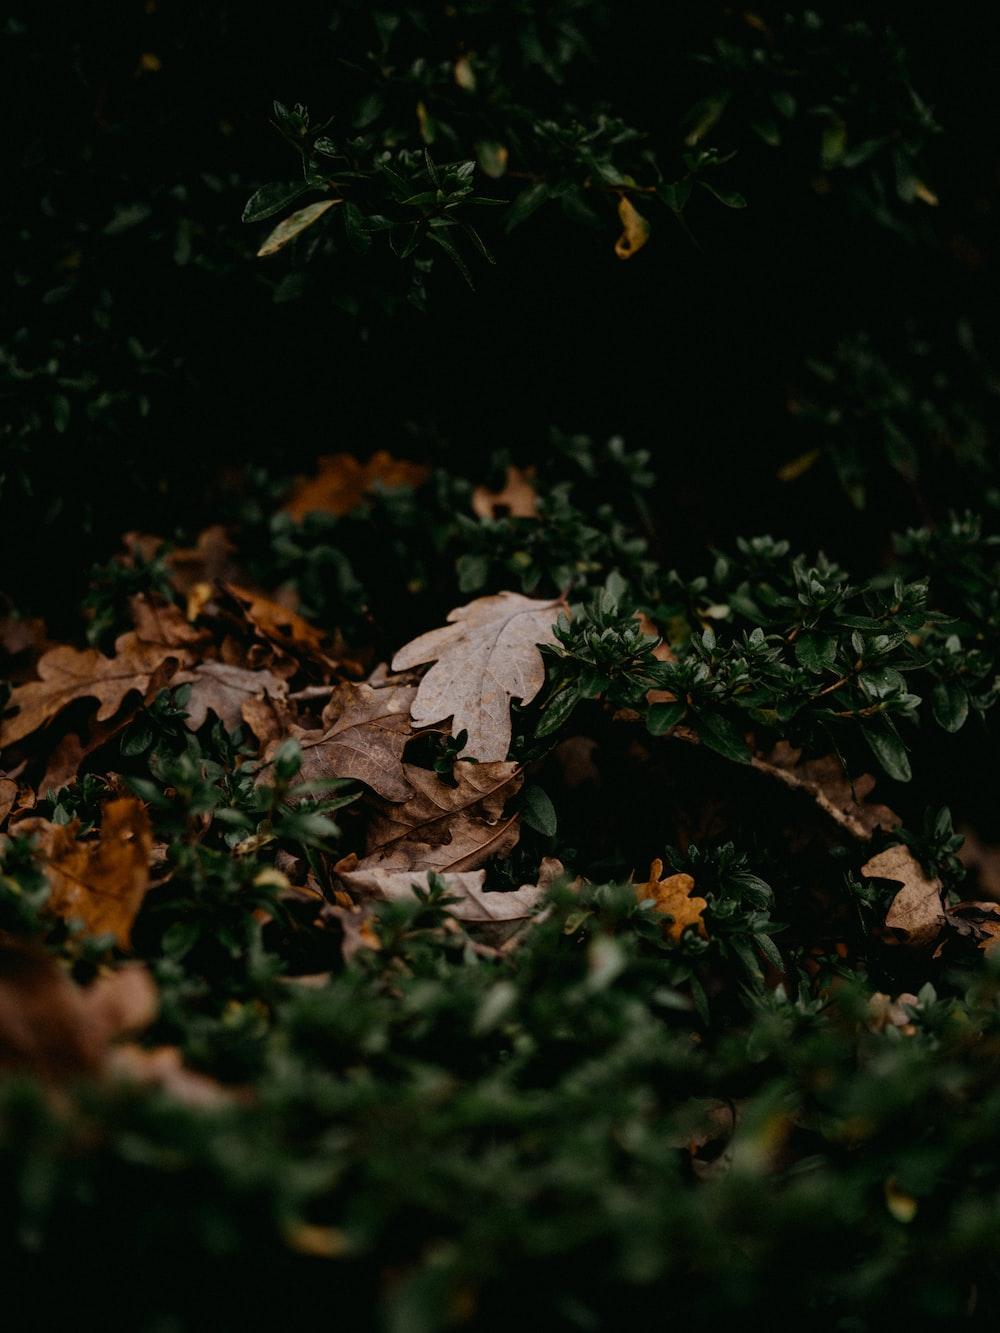 white maple leaf on ground